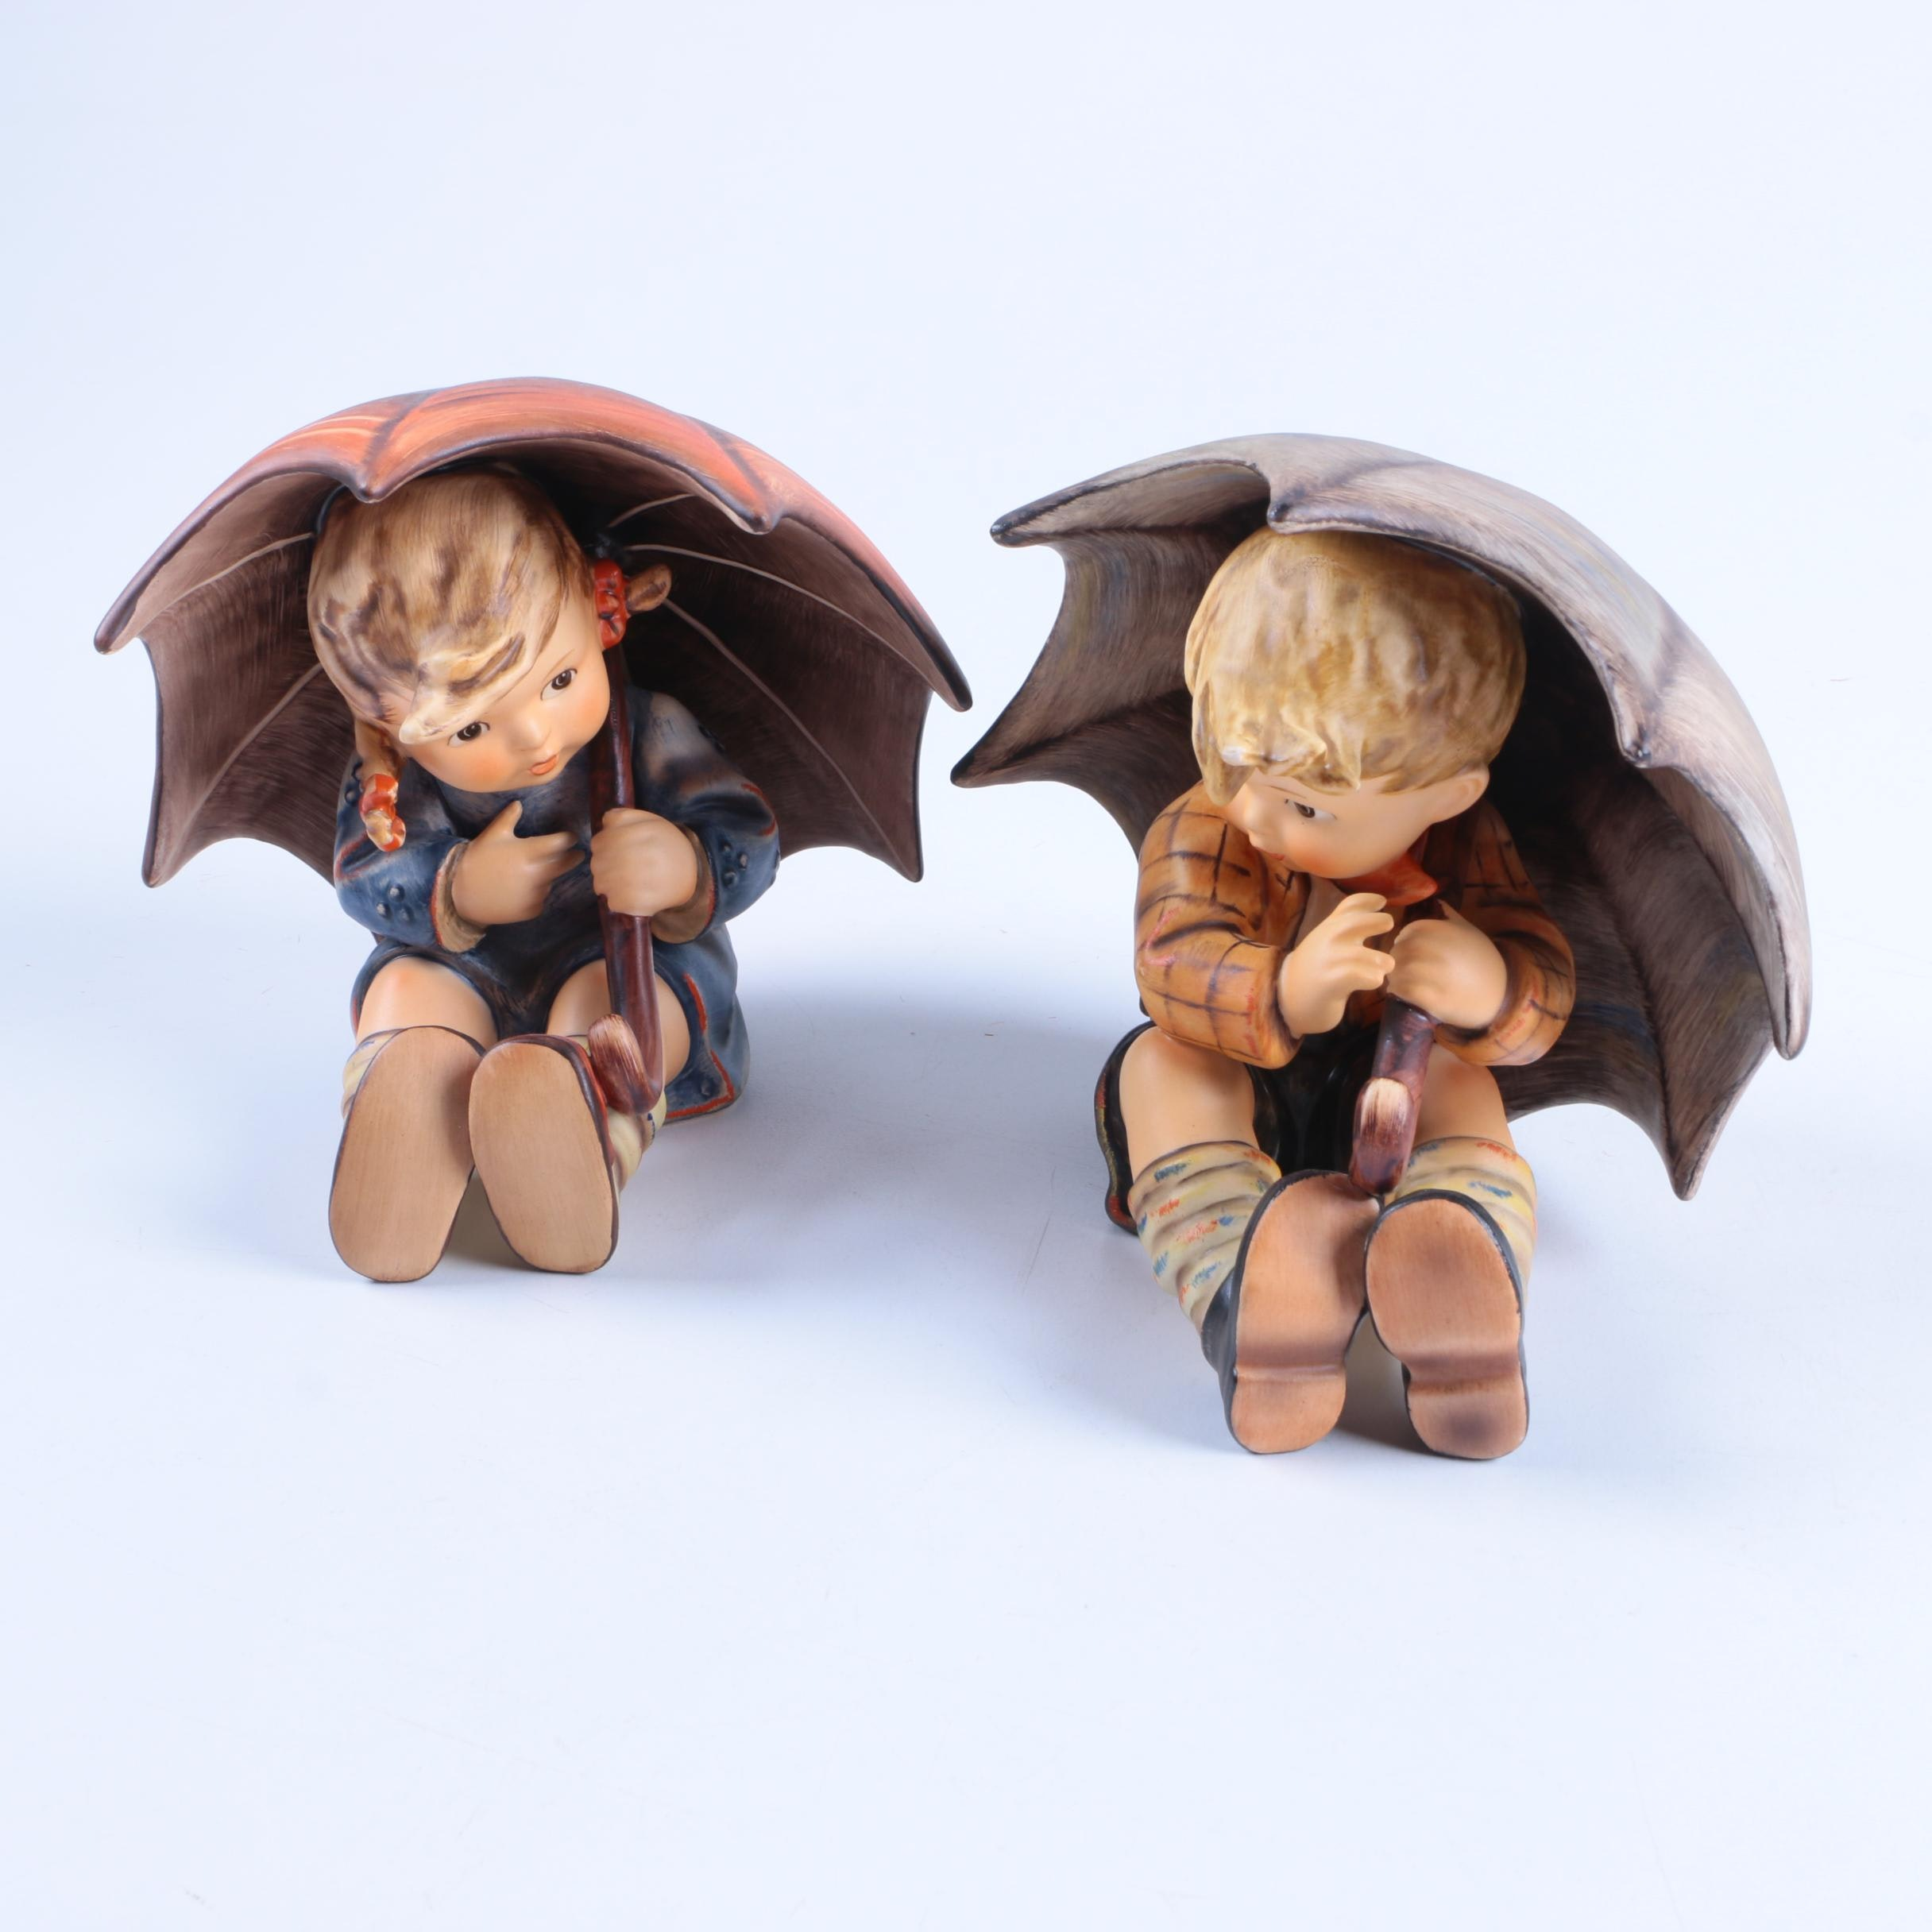 """Hummel """"Umbrella Girl"""" and """"Umbrella Boy"""" Figurines"""